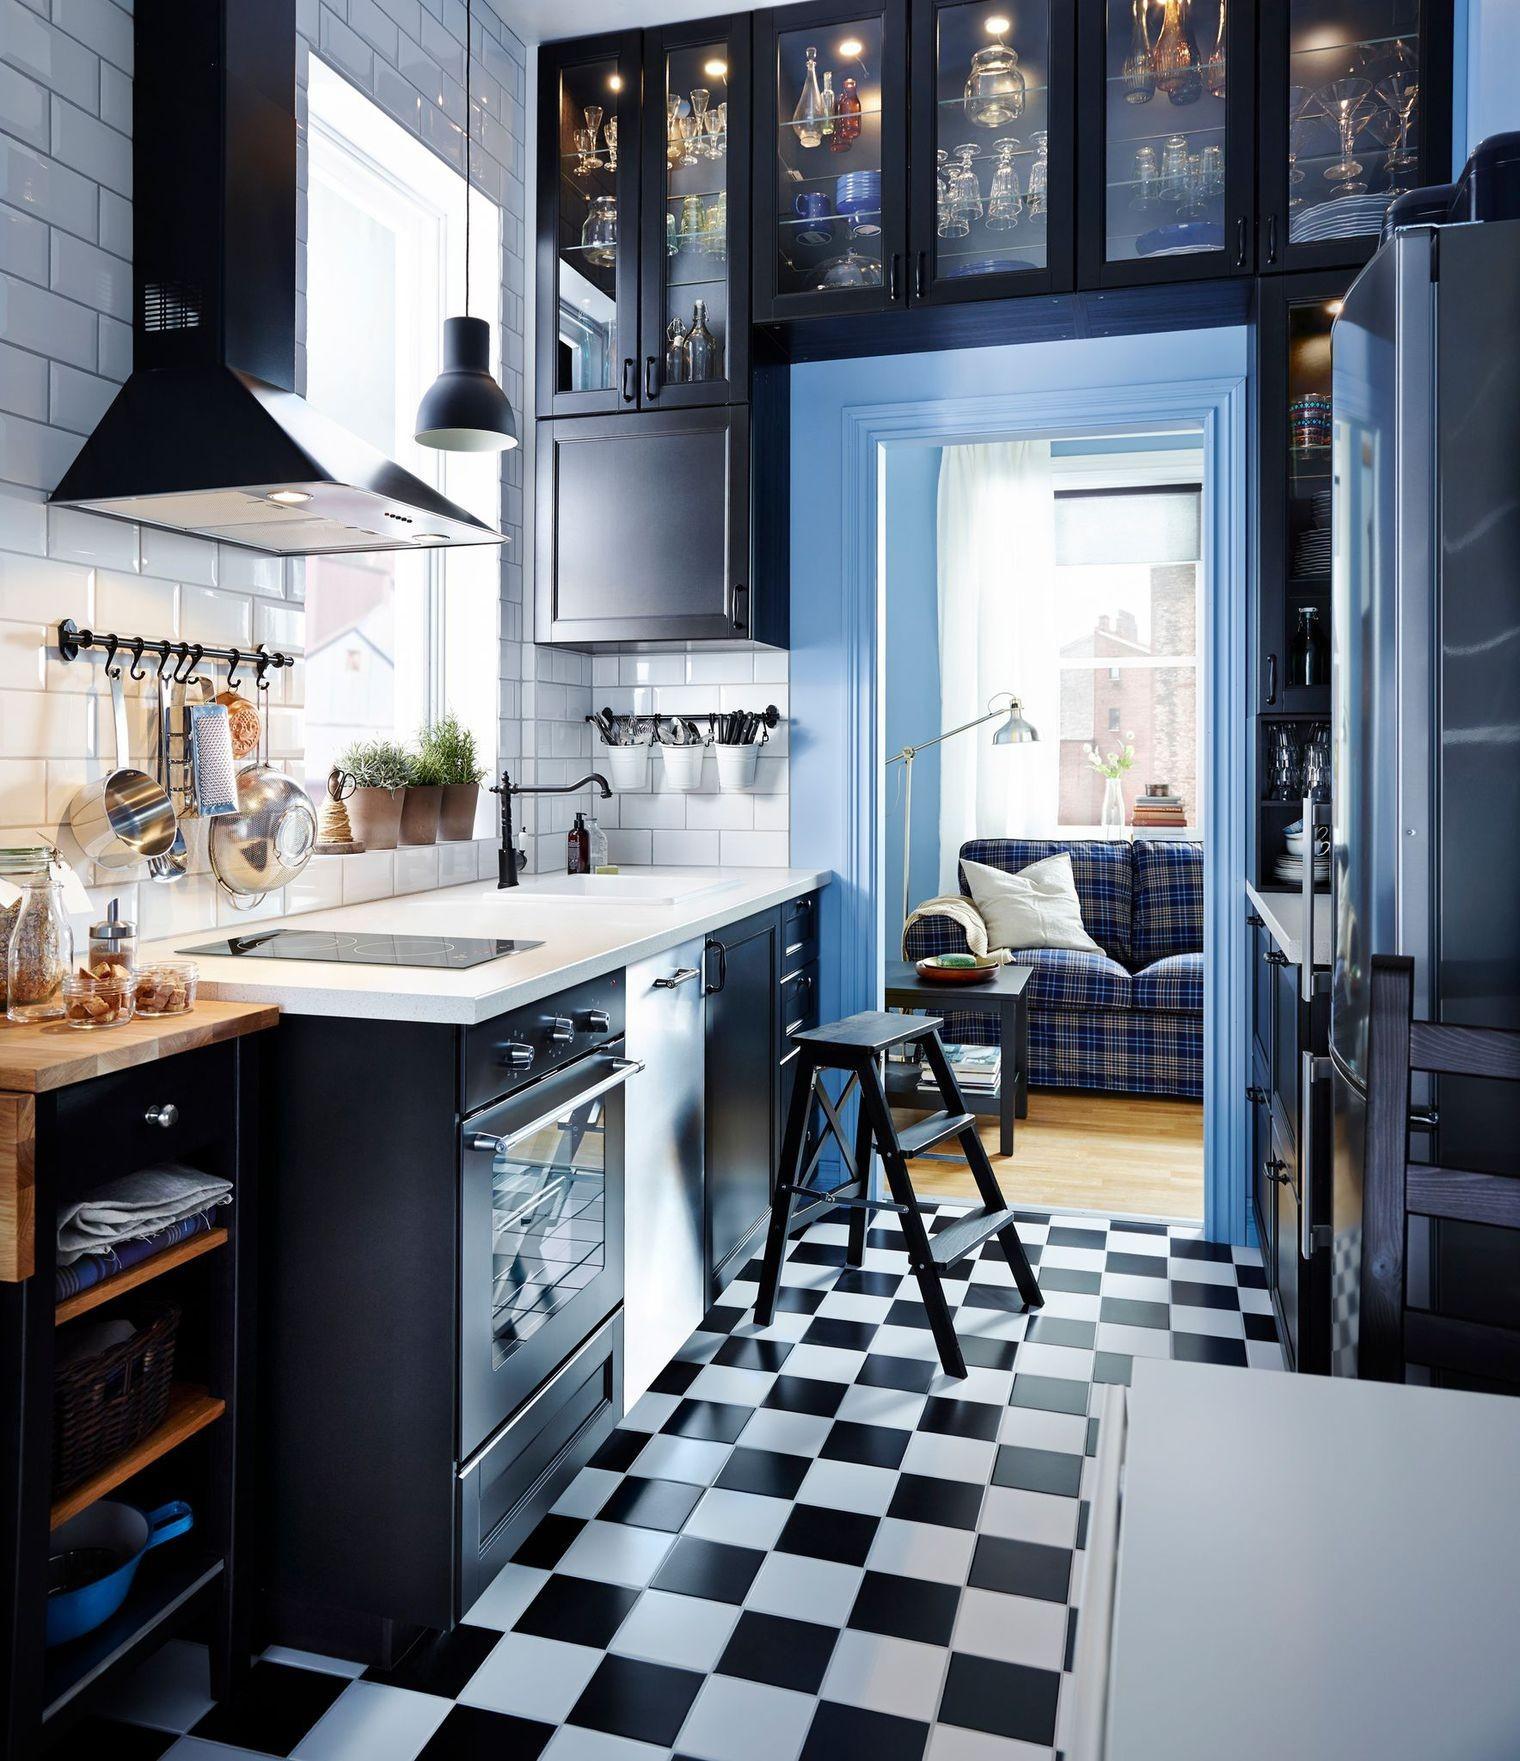 Ikea Cuisine Laxarby Impressionnant Photos Cuisine Blanche Ikea Impressionnant Chaise Blanche Ikea Frais Chaise